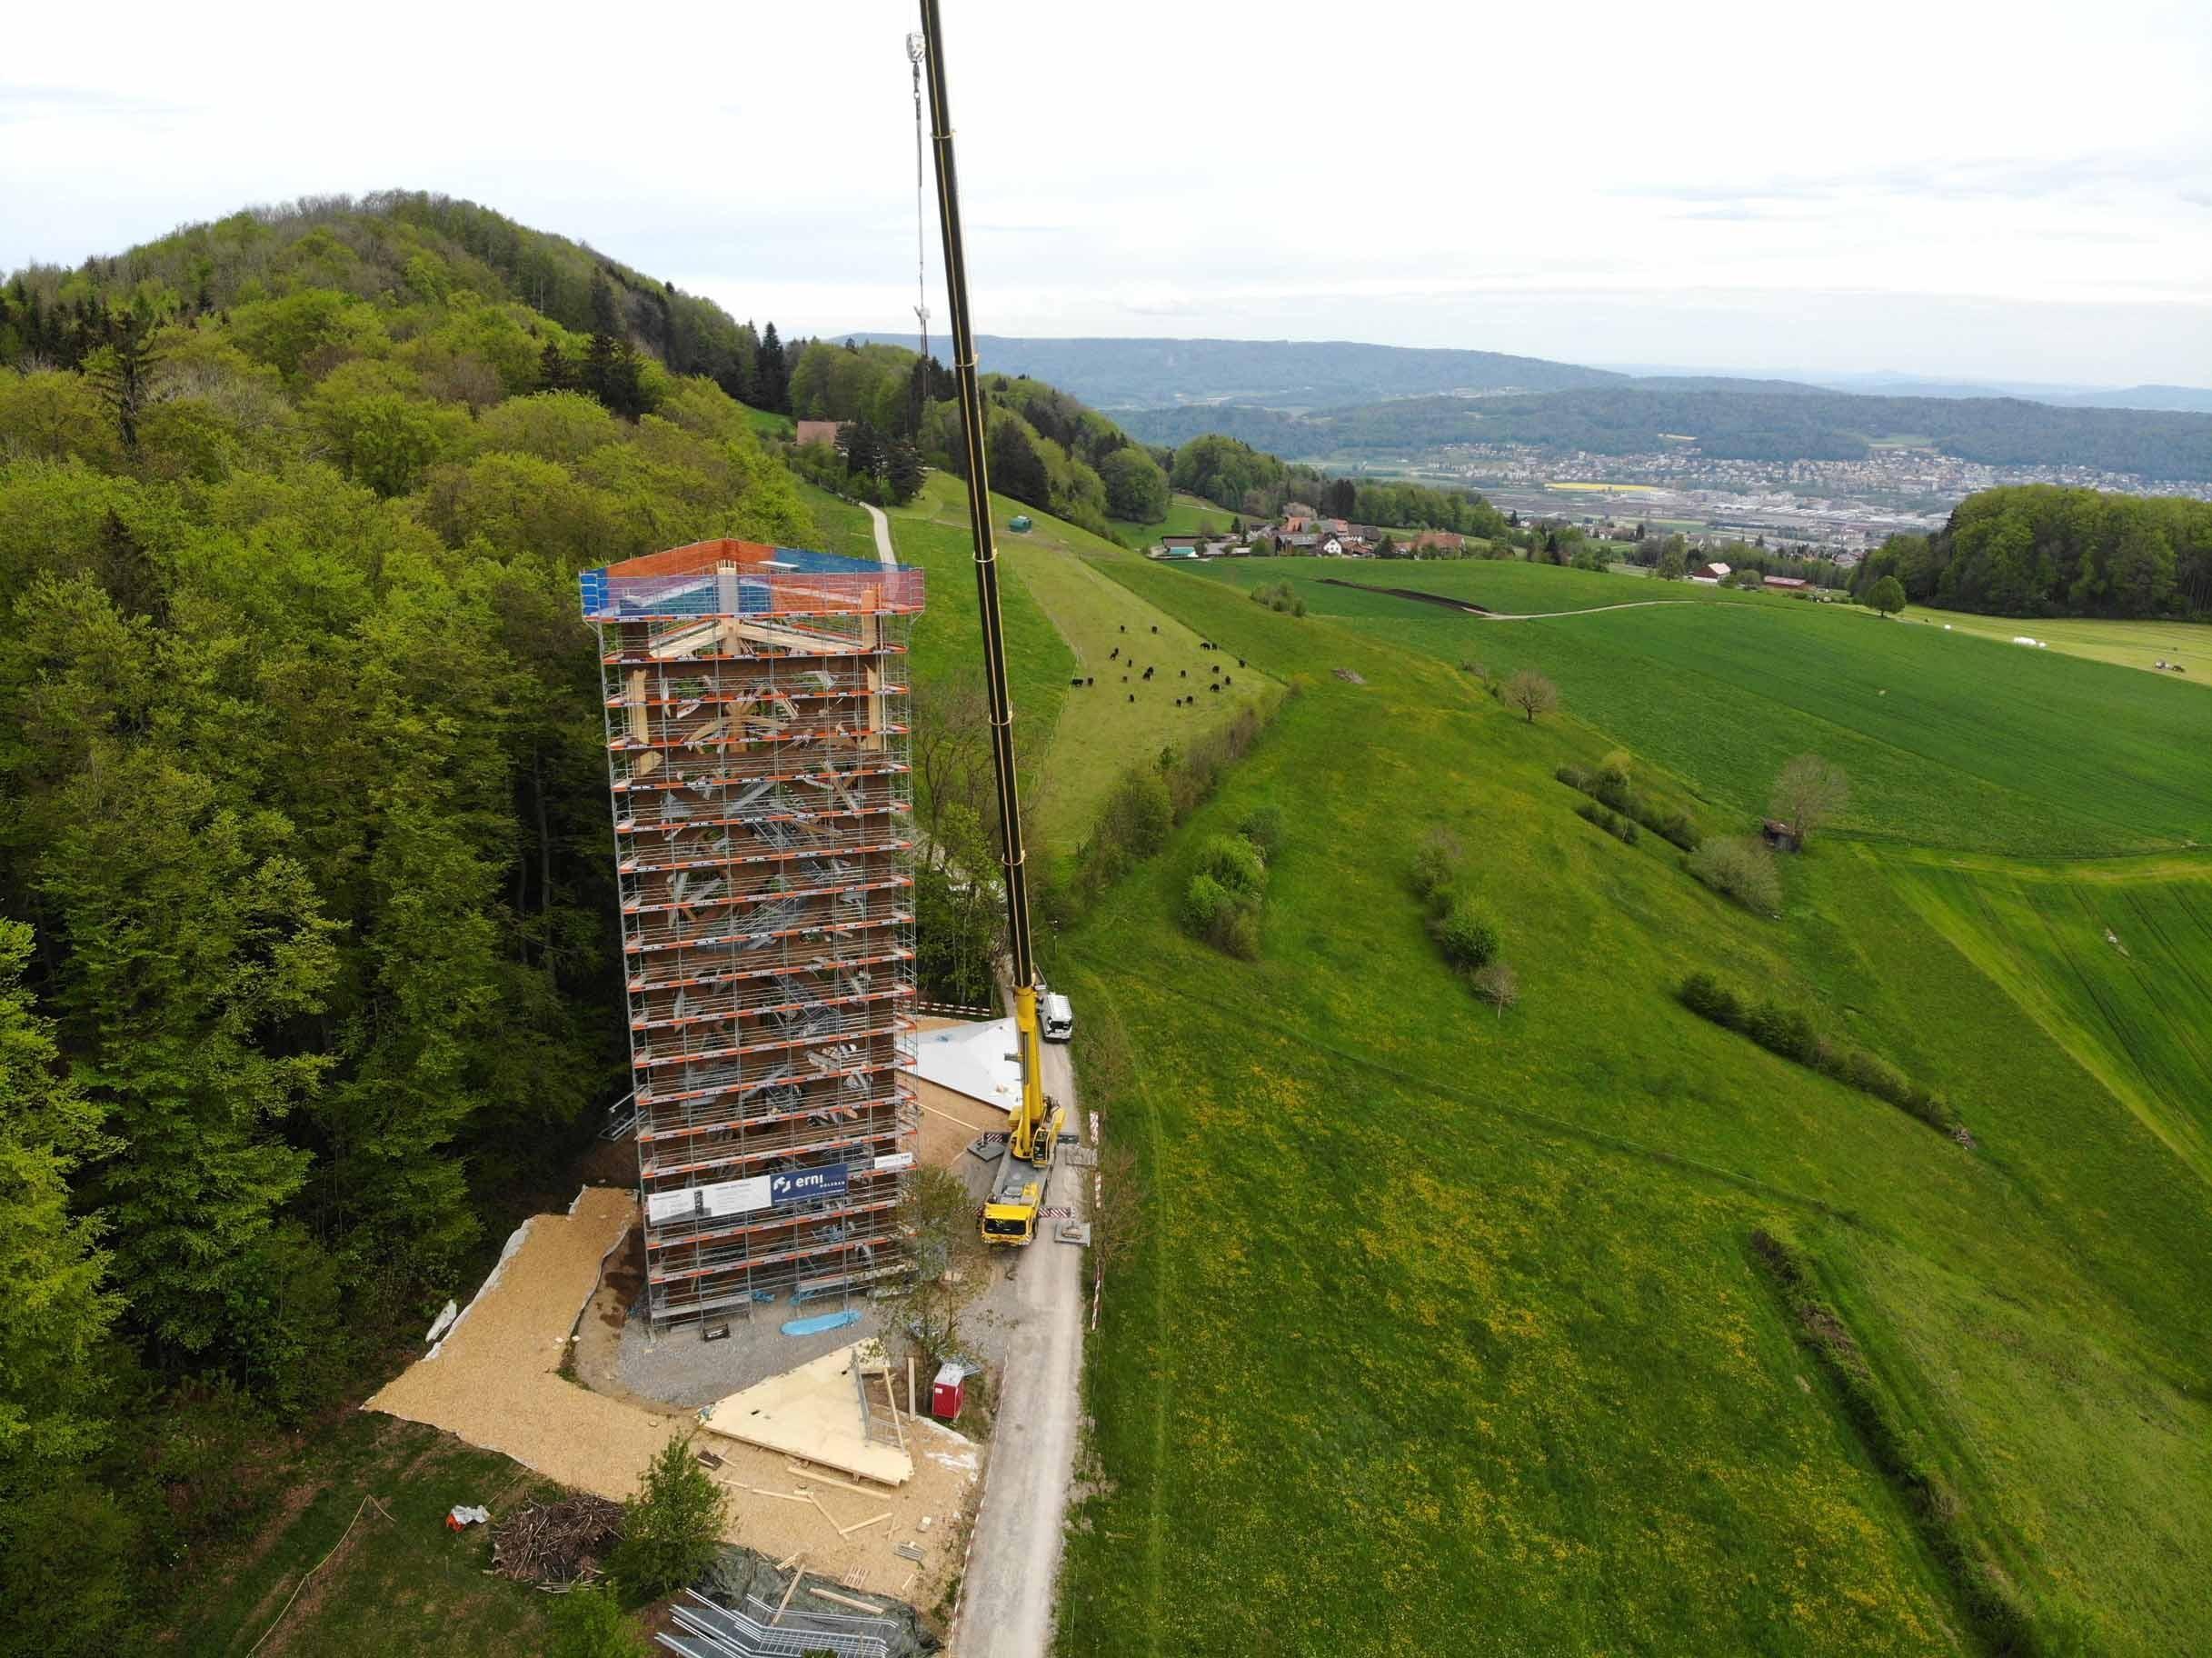 Bau von Hasenbergturm auf dem Mutschellen im Aargau